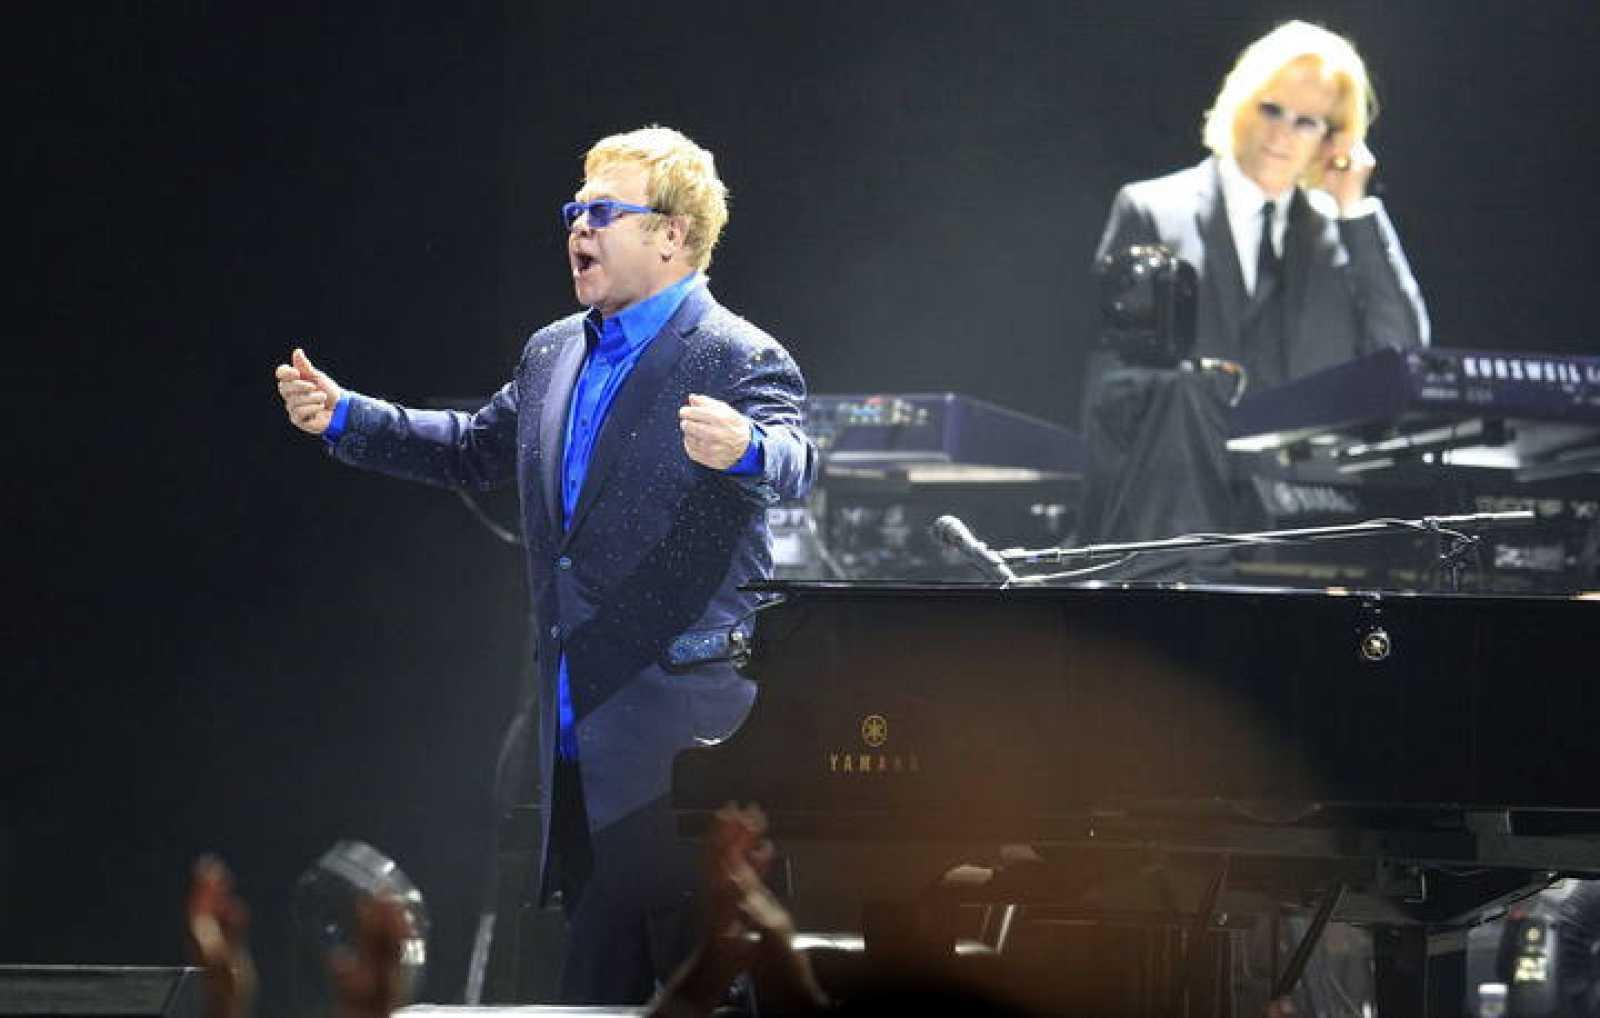 """El británico Elton John durante su actuación en el Palacio de los Deportes de Madrid para celebrar el 40 aniversario de su """"Goodbye yellow brick road"""""""